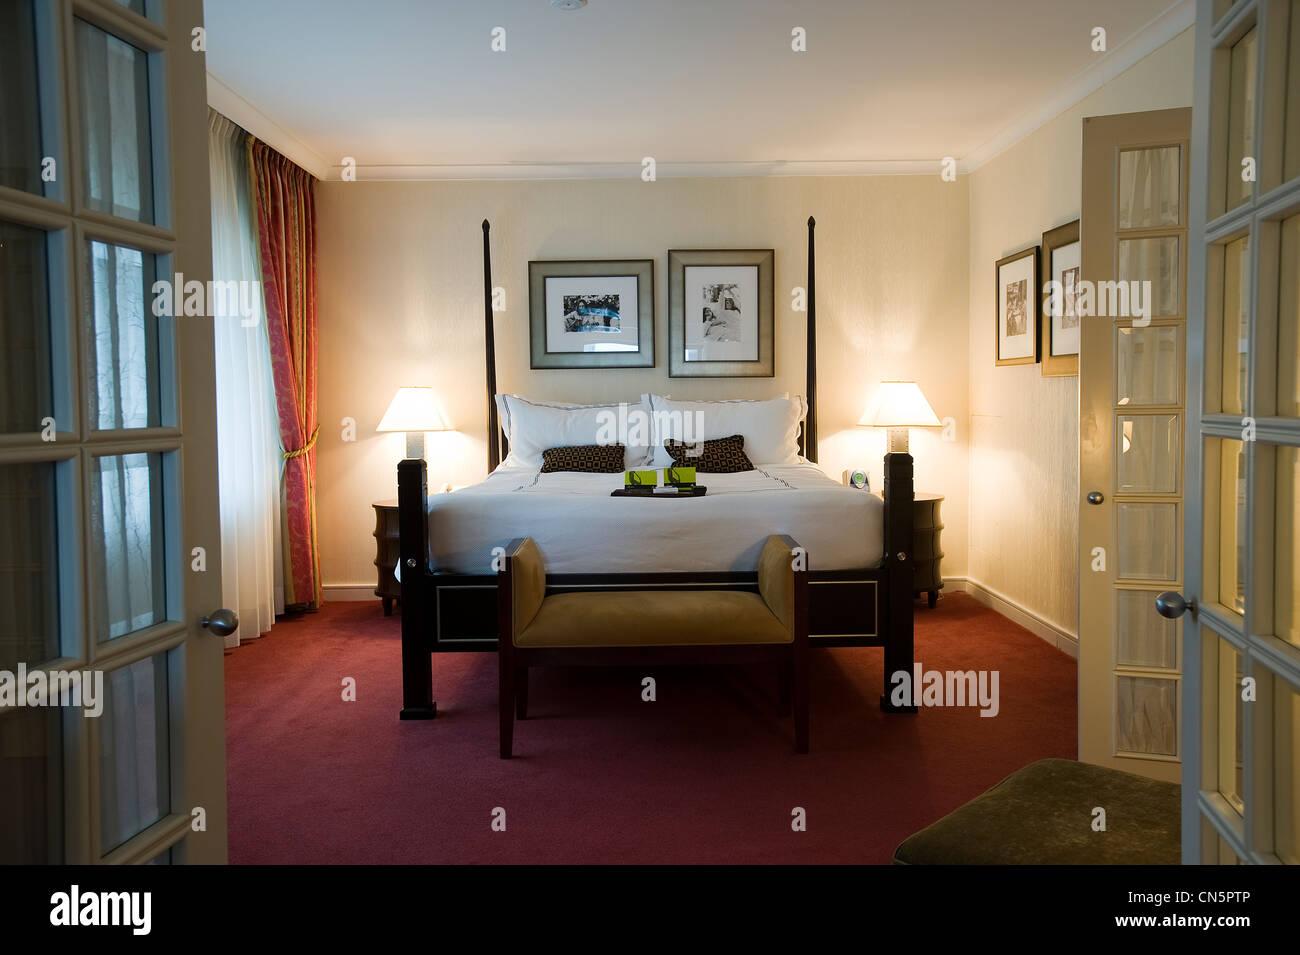 Canadá, provincia de Quebec, Montreal, el hotel Fairmont Queen Elizabeth, la habitación donde John Lennon Imagen De Stock